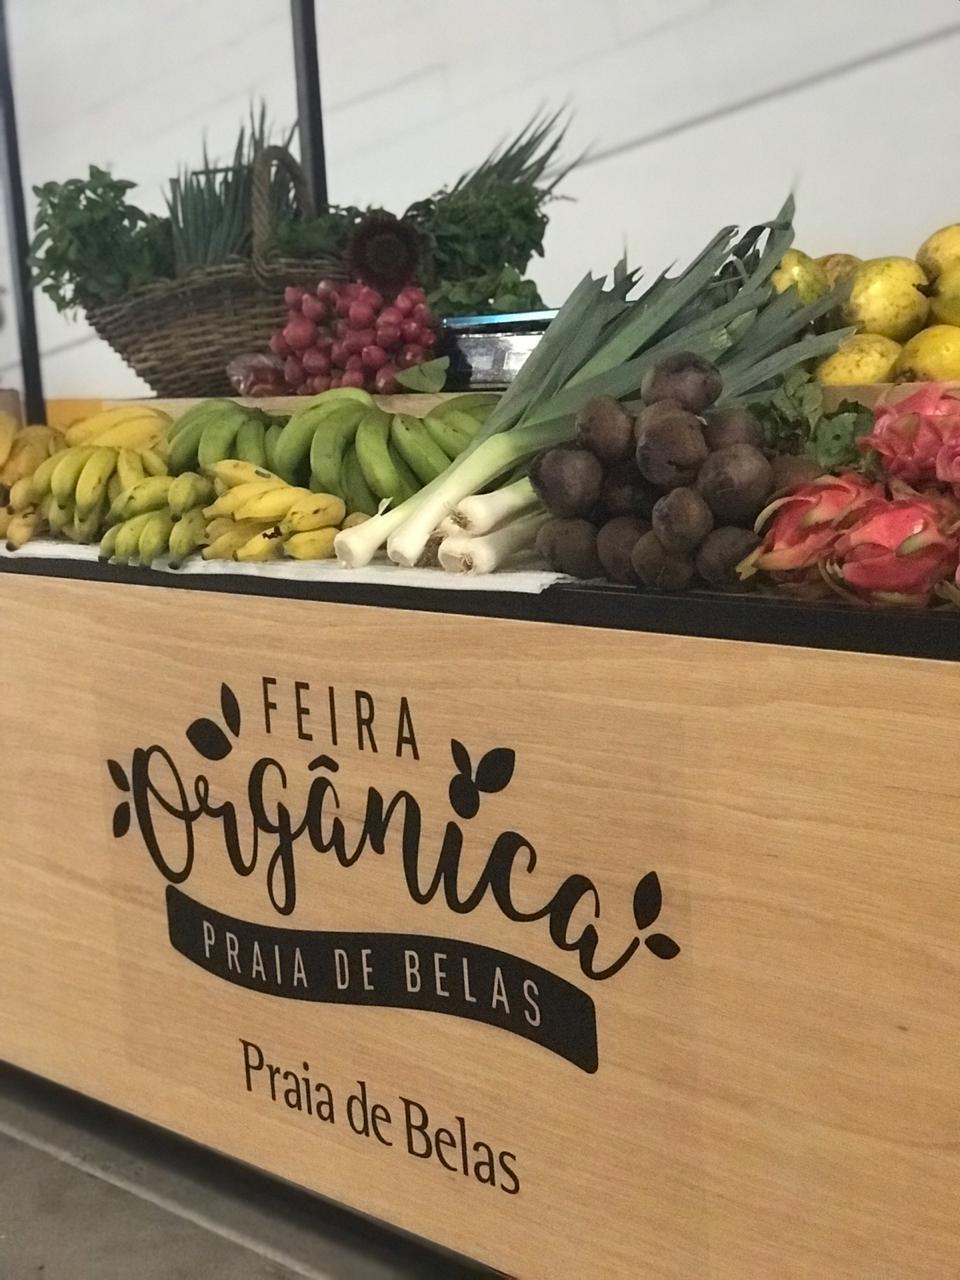 73eafb7a4cf9a Feira Orgânica do Praia de Belas Shopping ganha nova estrutura e identidade  visual